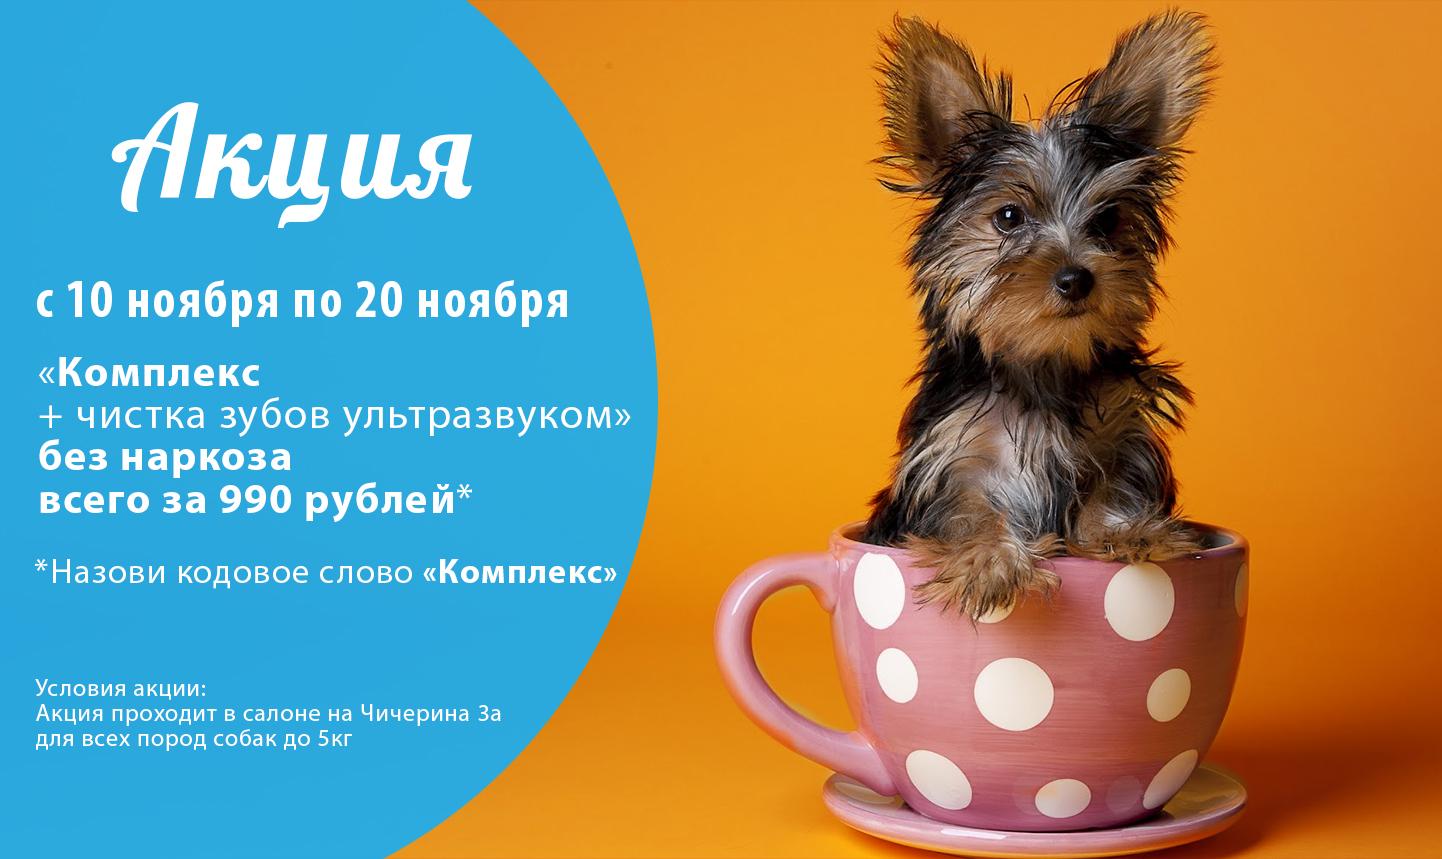 Стрижка собак Челябинск